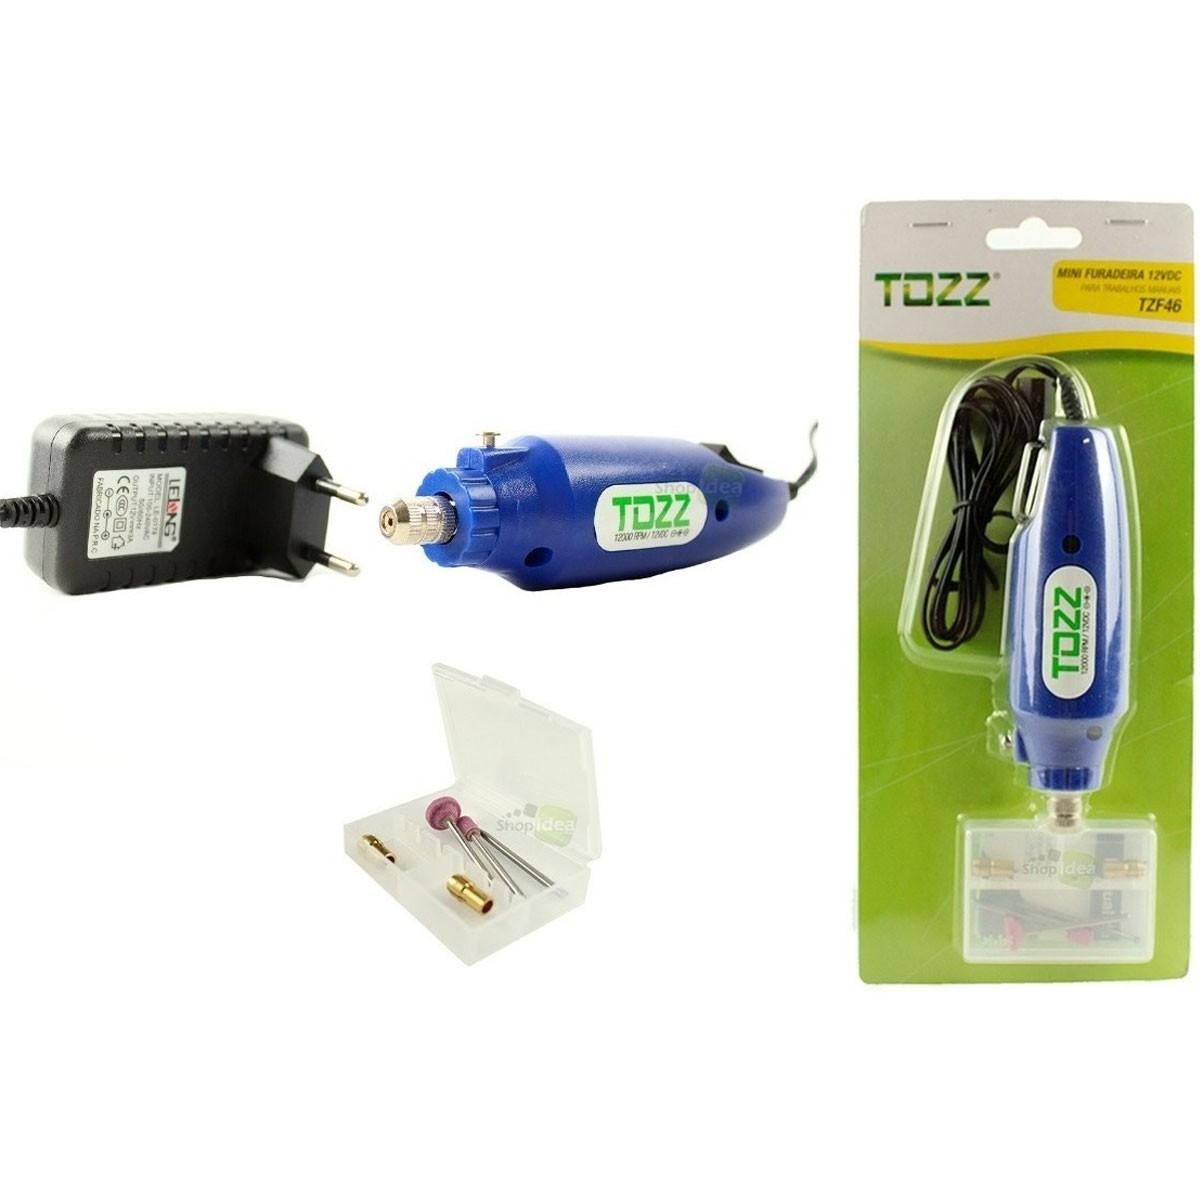 Kit: Mini Furadeira / Retífica 12V + Fonte + Suporte para Placa de Circuito Impresso + Brinde